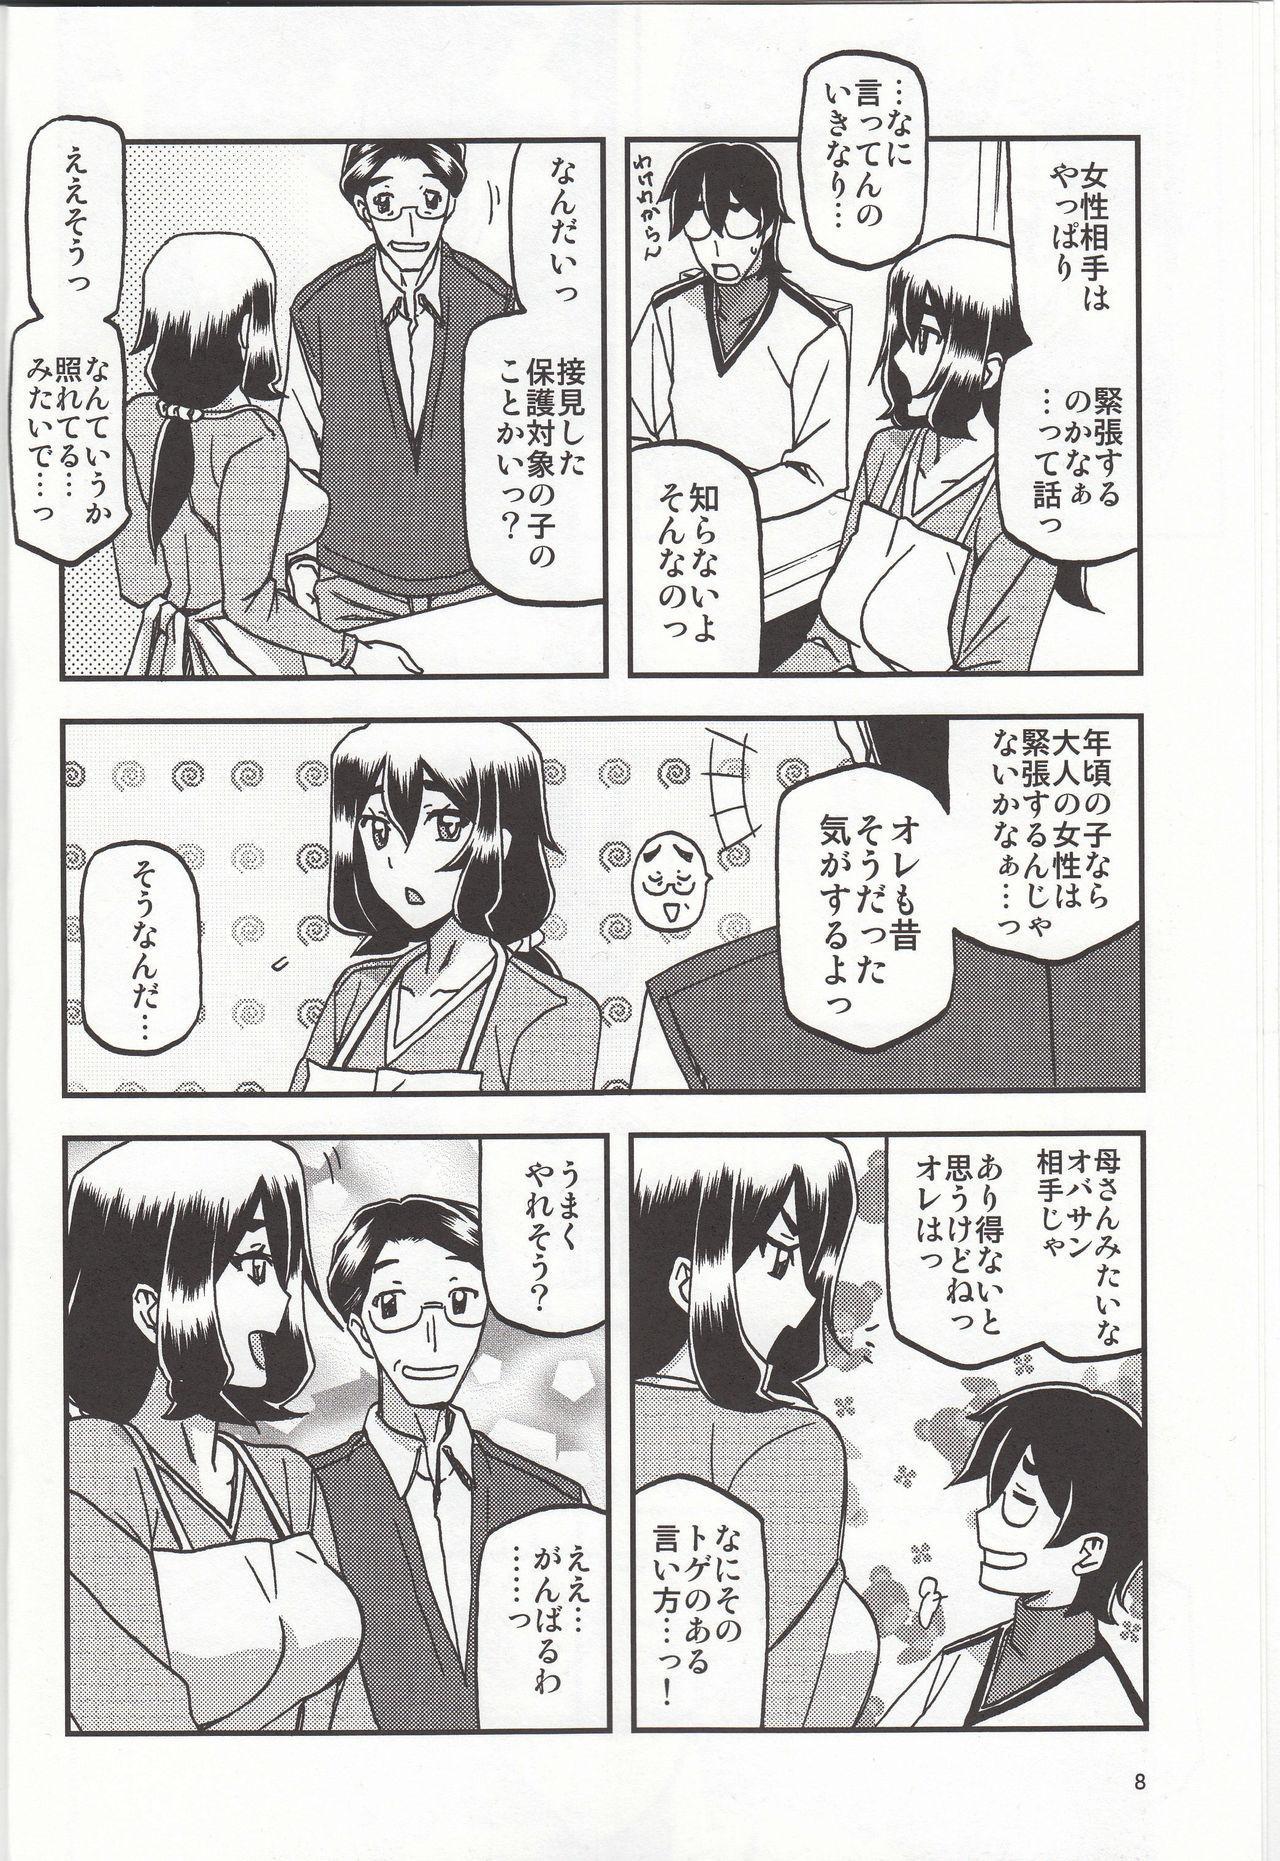 Akebi no Mi - Chizuru katei 6